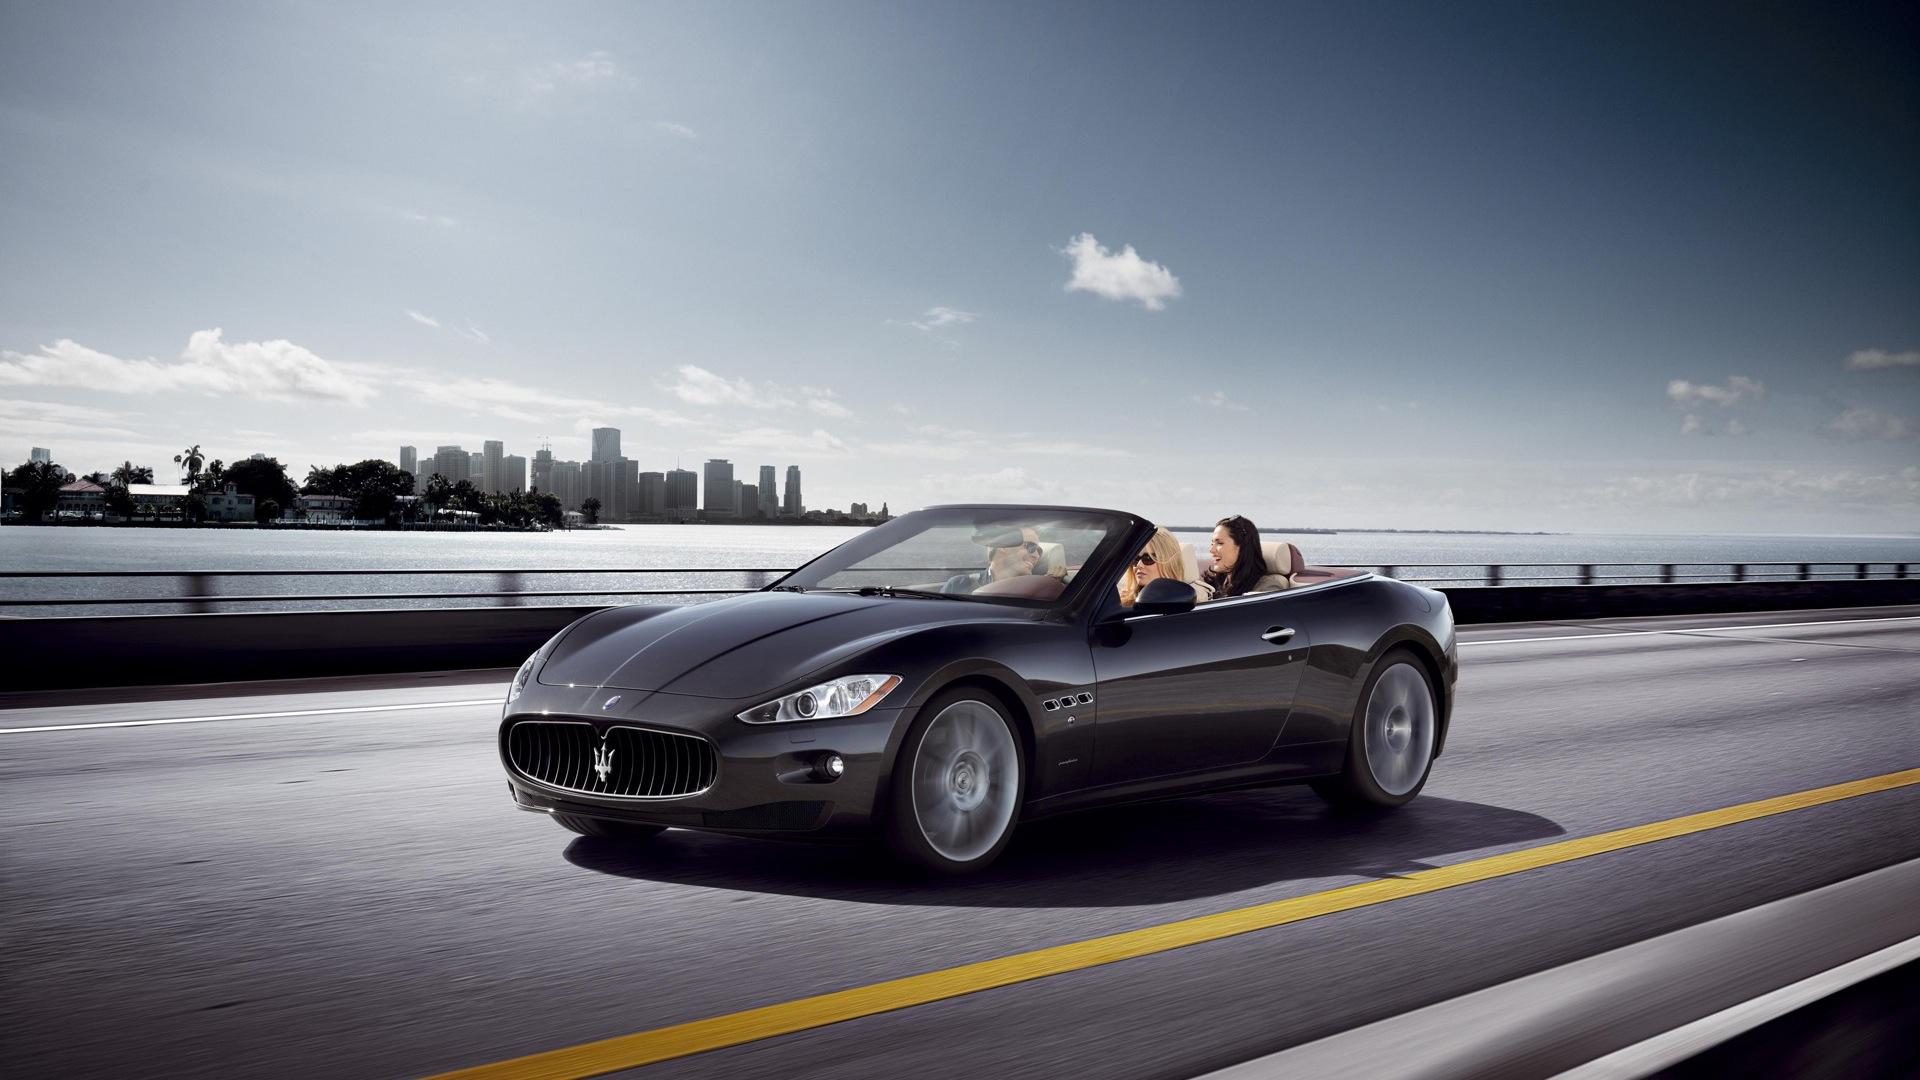 Maserati GranCabrio 2013 STD